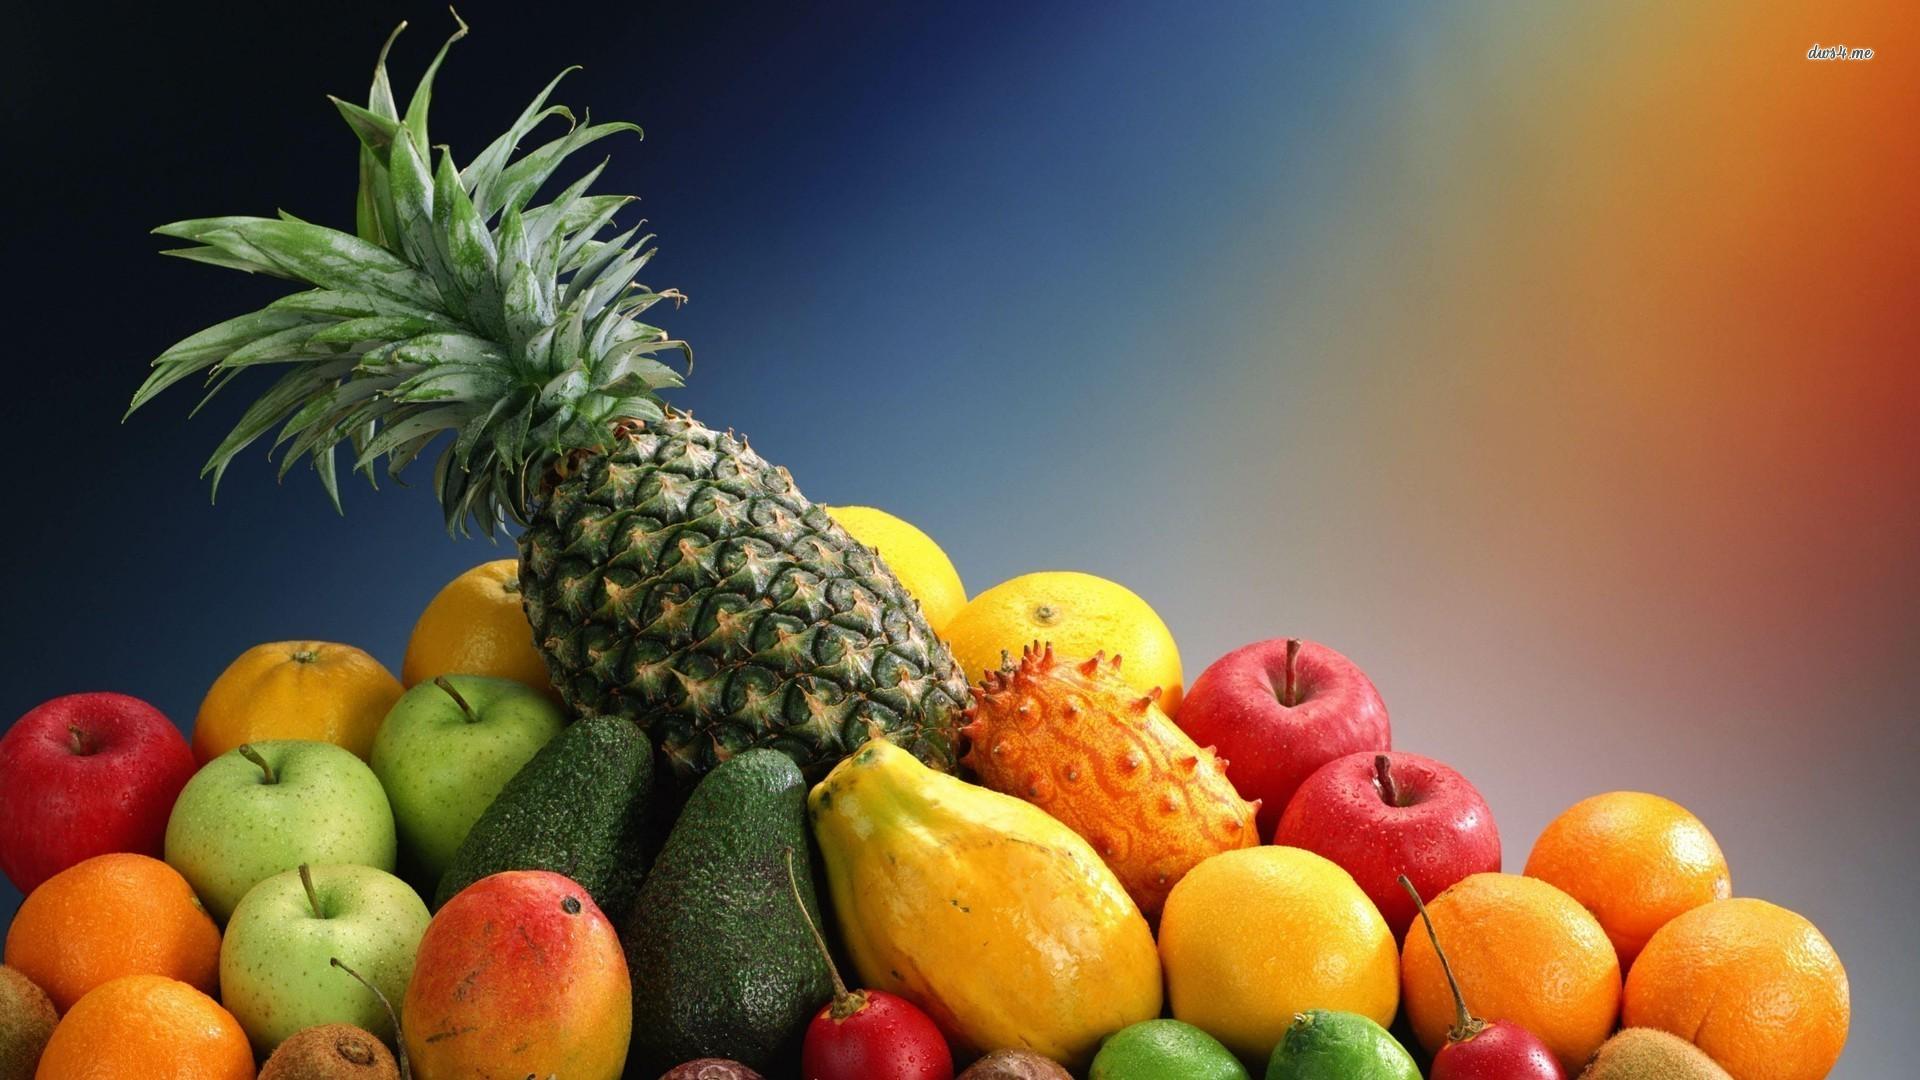 fresh and fruits на телефон